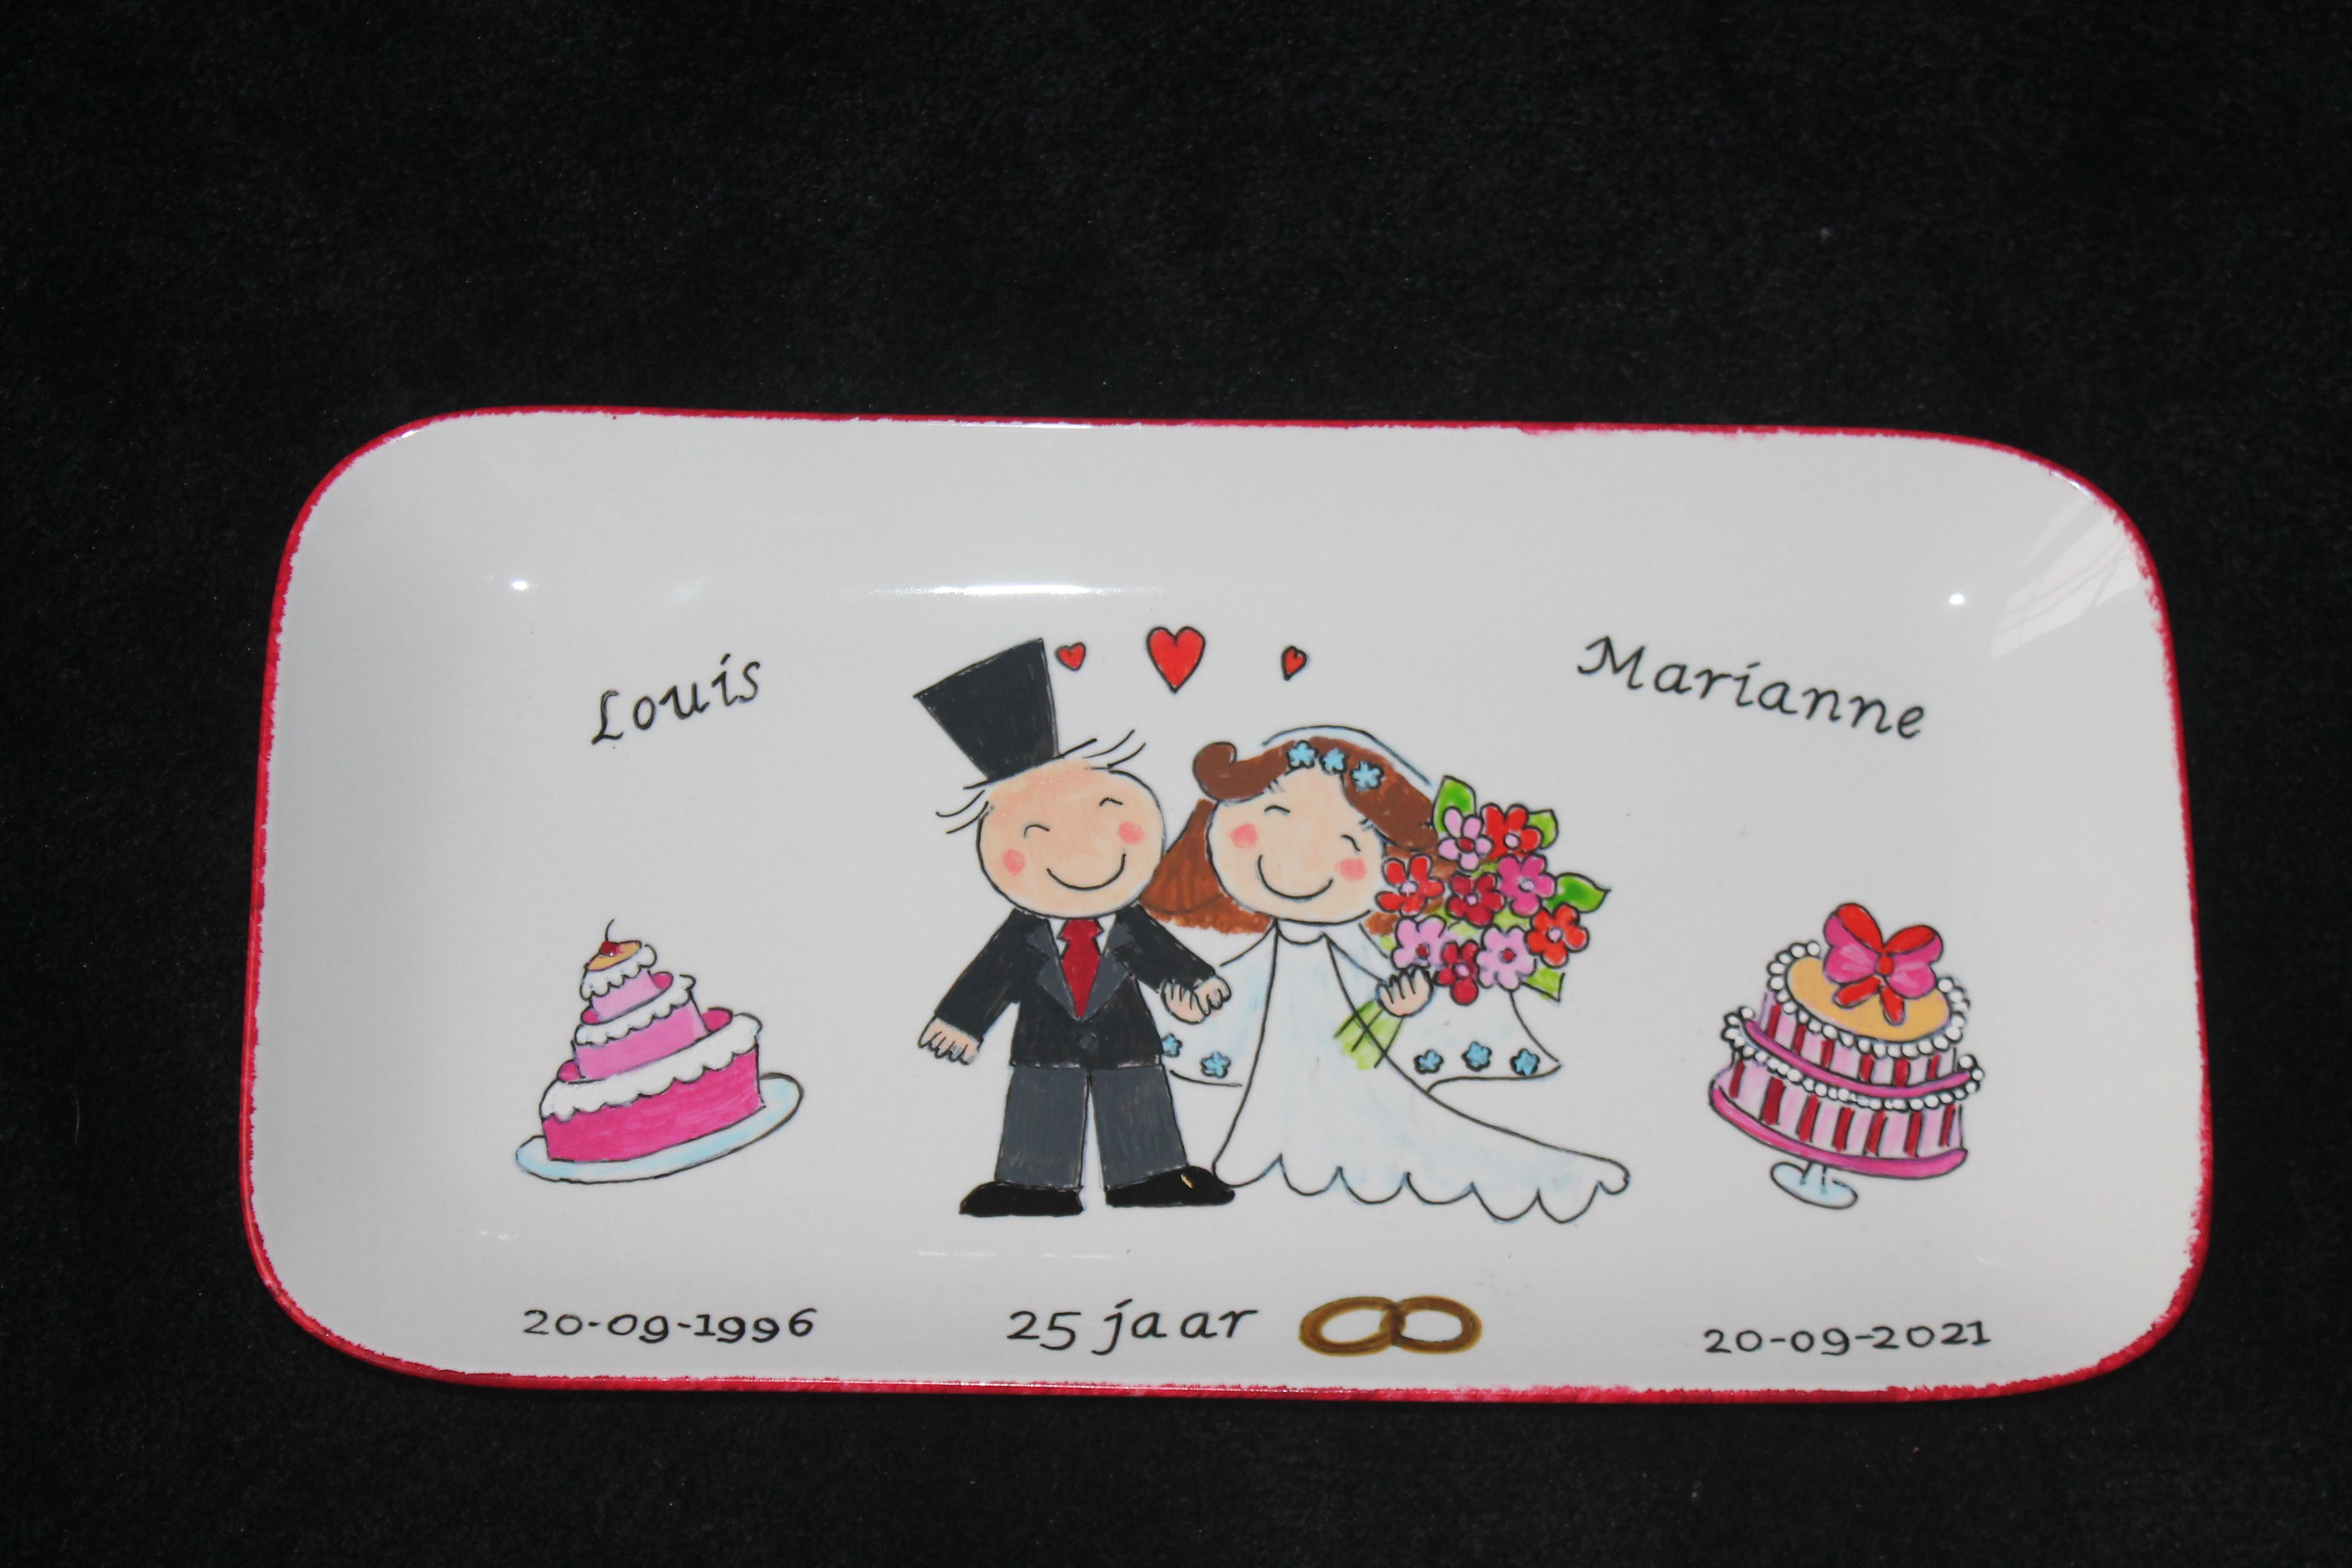 15 jaar getrouwd kado 12.5, 25, 40, 50 of 60 jaar getrouwd | Creatieve workshops  15 jaar getrouwd kado